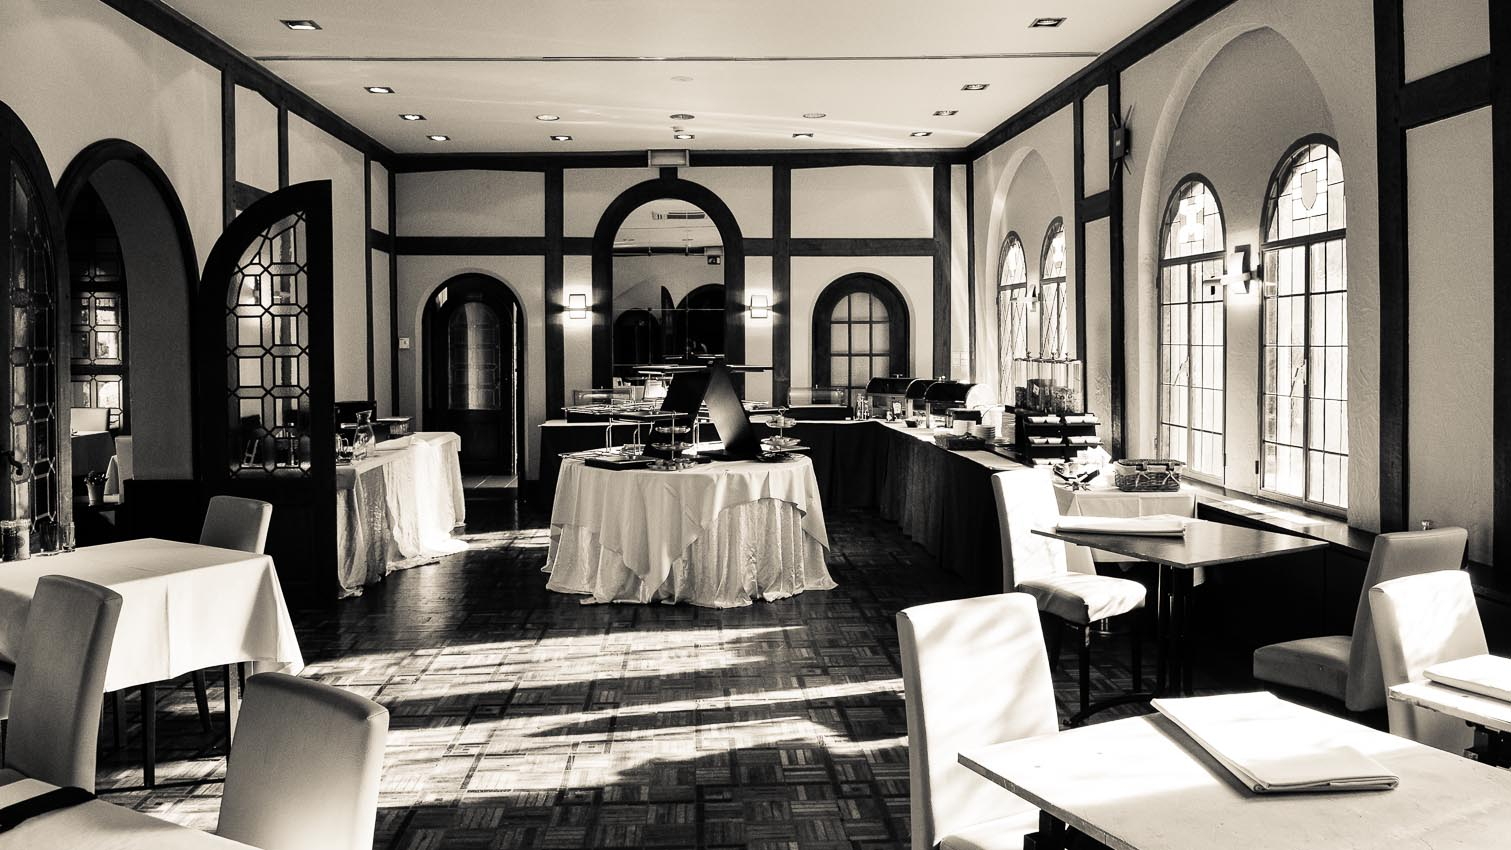 22-cafe-bar-resto-nightclub-decors-film-cinema-photo-belgium-bruxelles